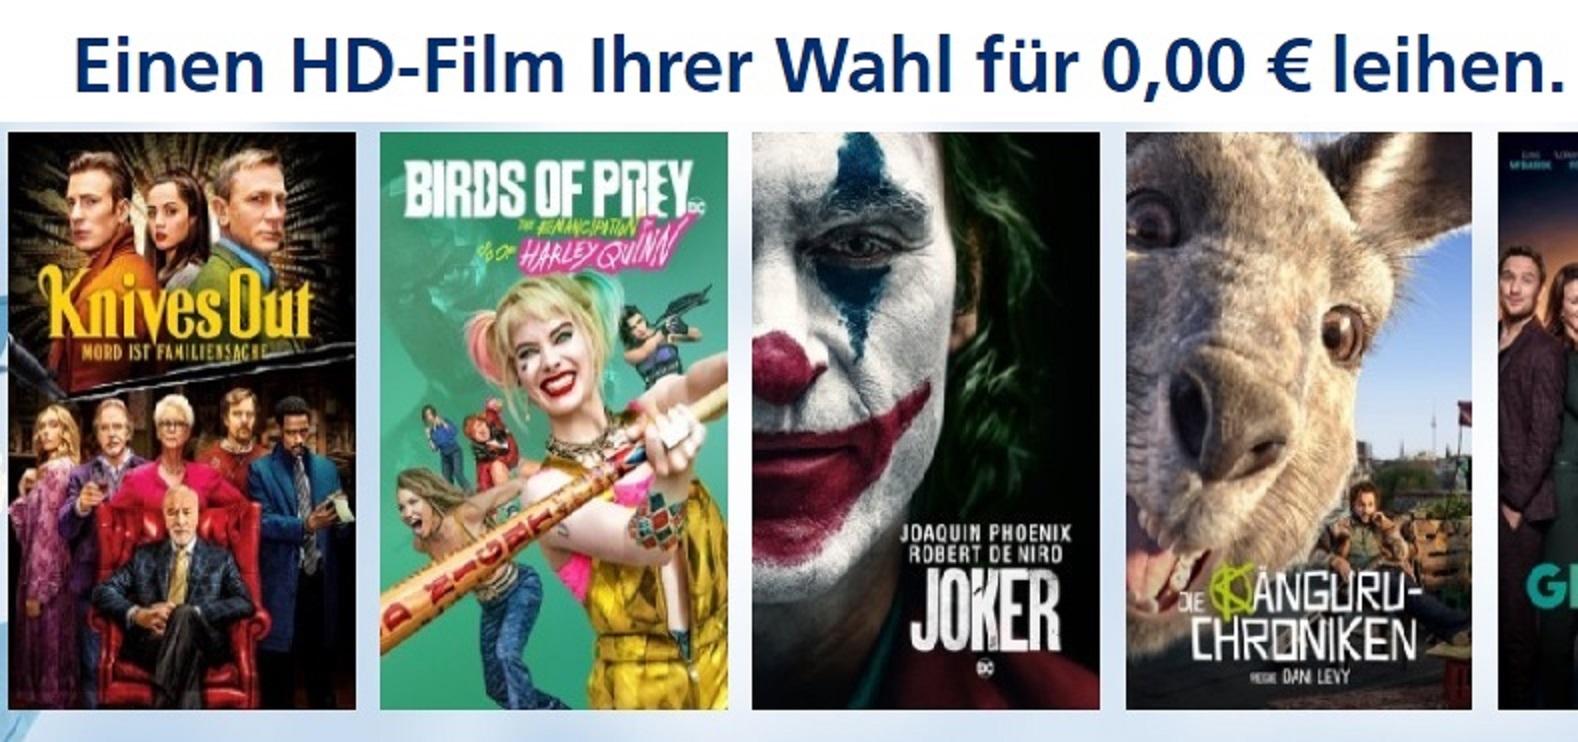 1 Film gratis leihen in Full HD bei o2 Movies aus dem kompletten Sortiment (für o2 Kunden)